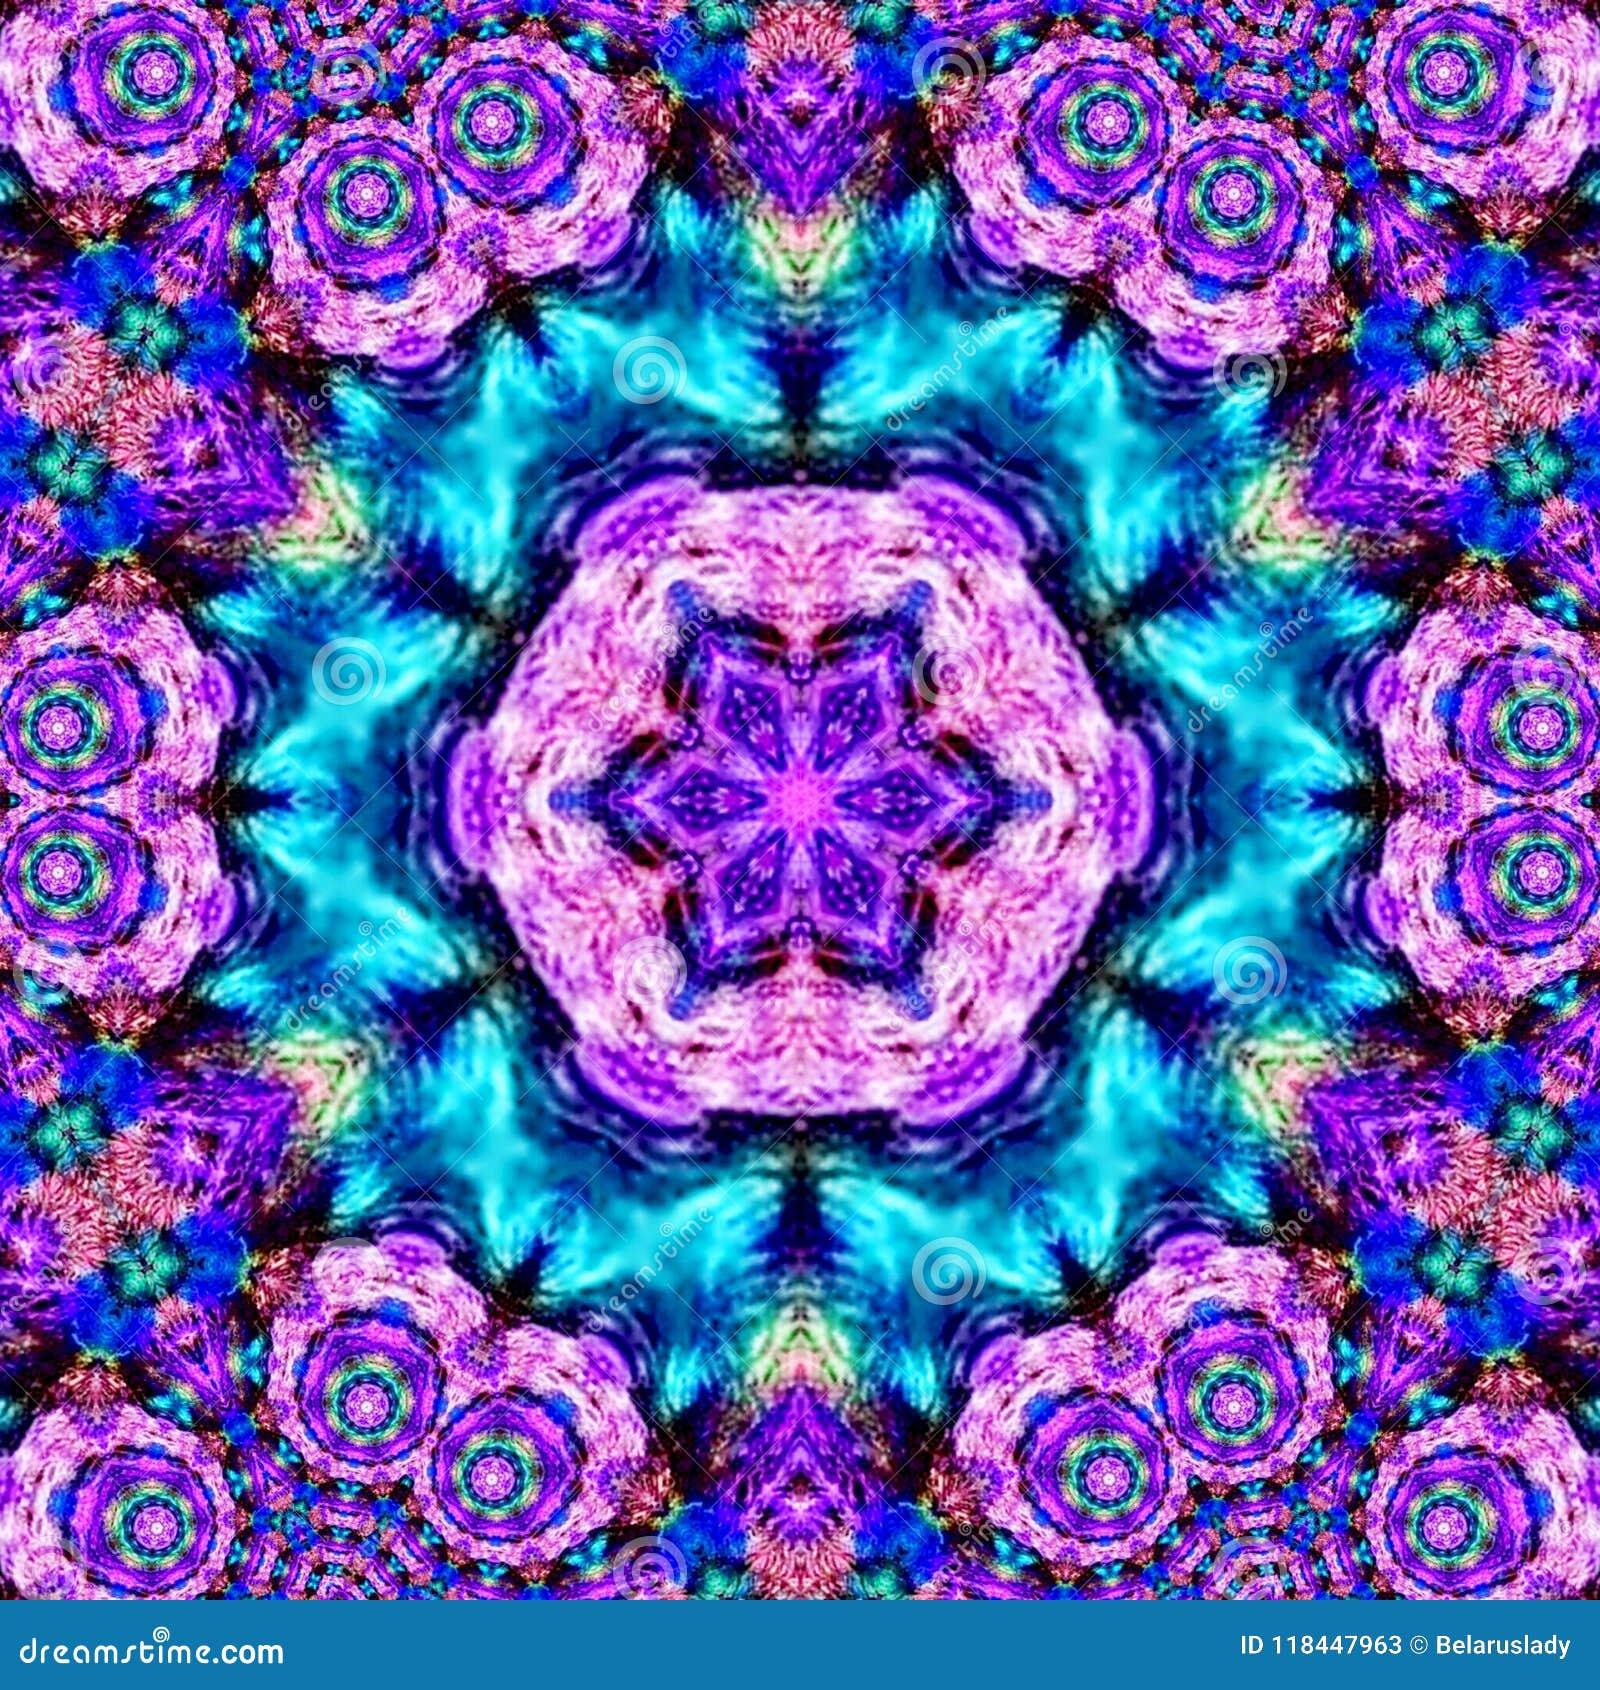 Psykedelisk Henna Mandala Doodle Flower violetarabesque